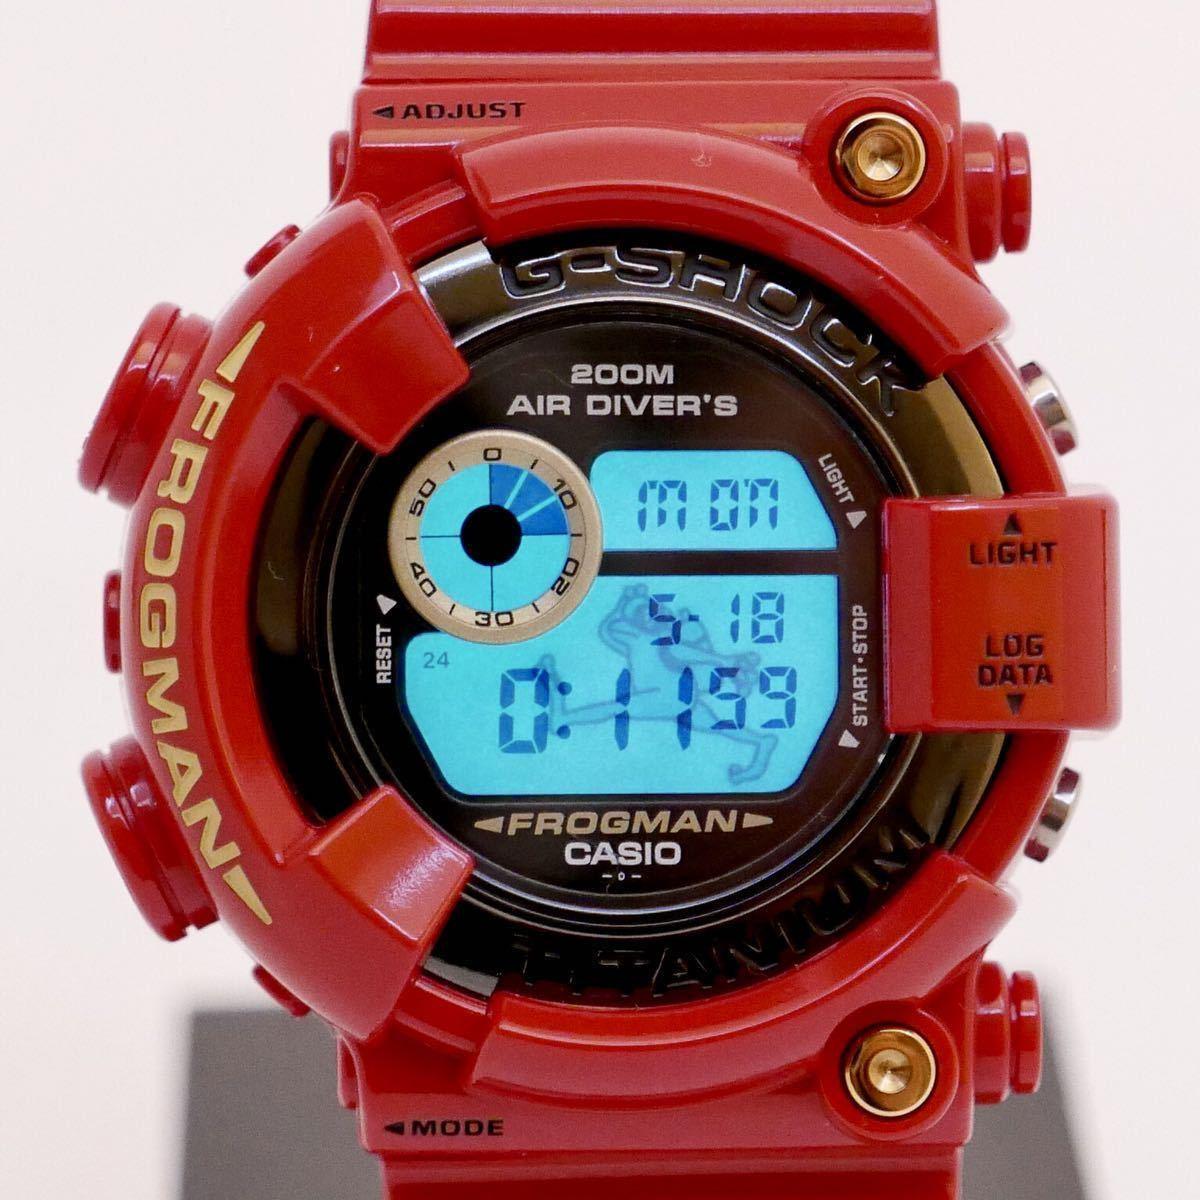 【極美品】シャイニーレッド ブラックフロッグマン DW-8200BM MIB2極美品モジュール GF-8230新品ベルベゼ カスタム DW-8201 8250シリーズ_電池交換したばかりで、バックライト明るい